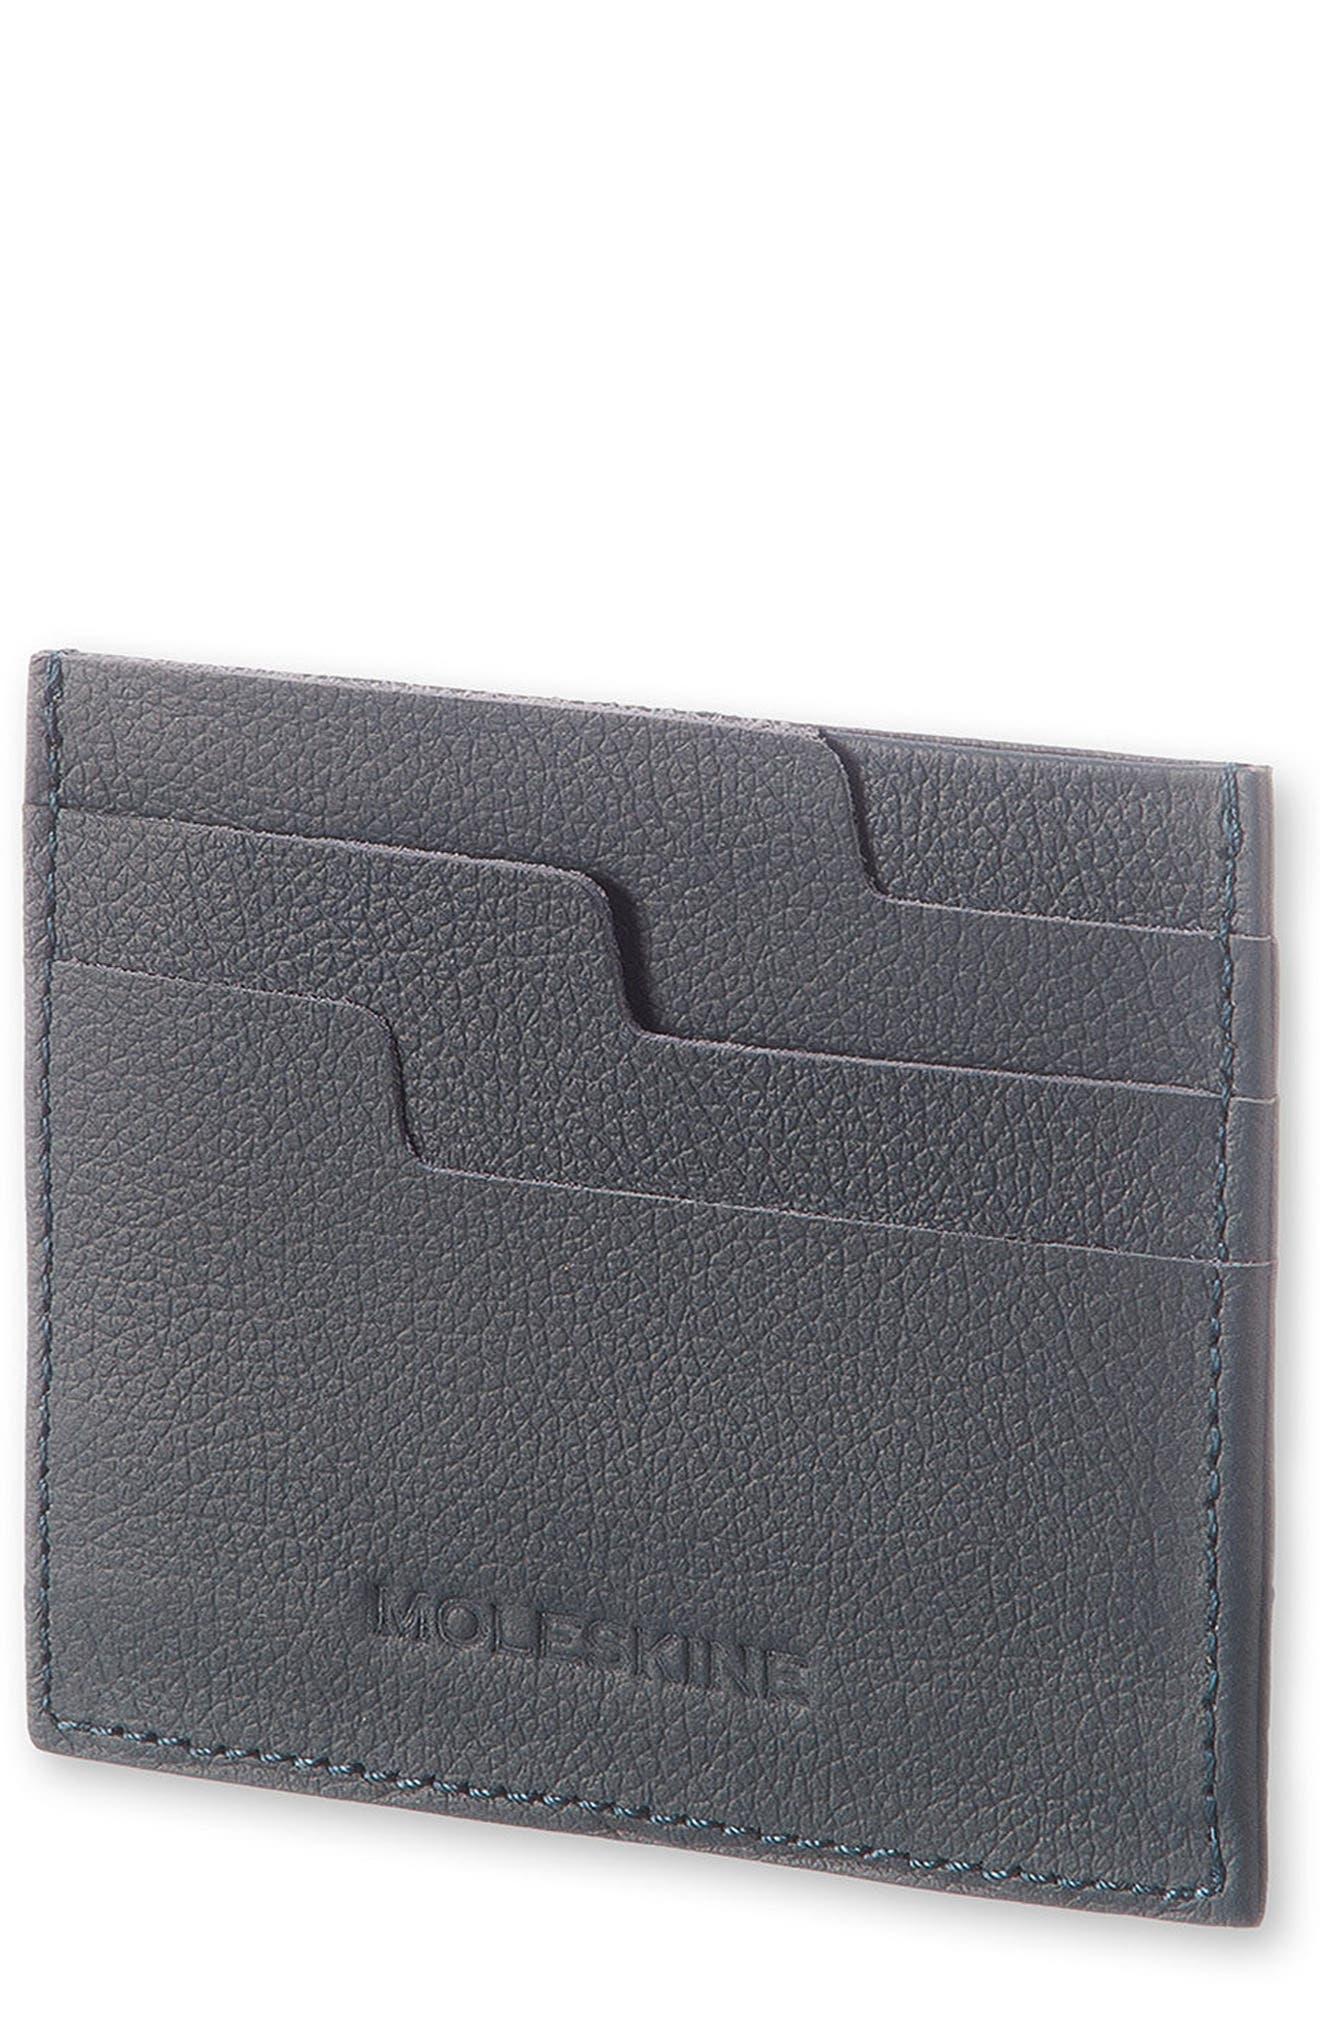 Moleskin Lineage Leather Card Case,                             Main thumbnail 1, color,                             AVIO BLUE